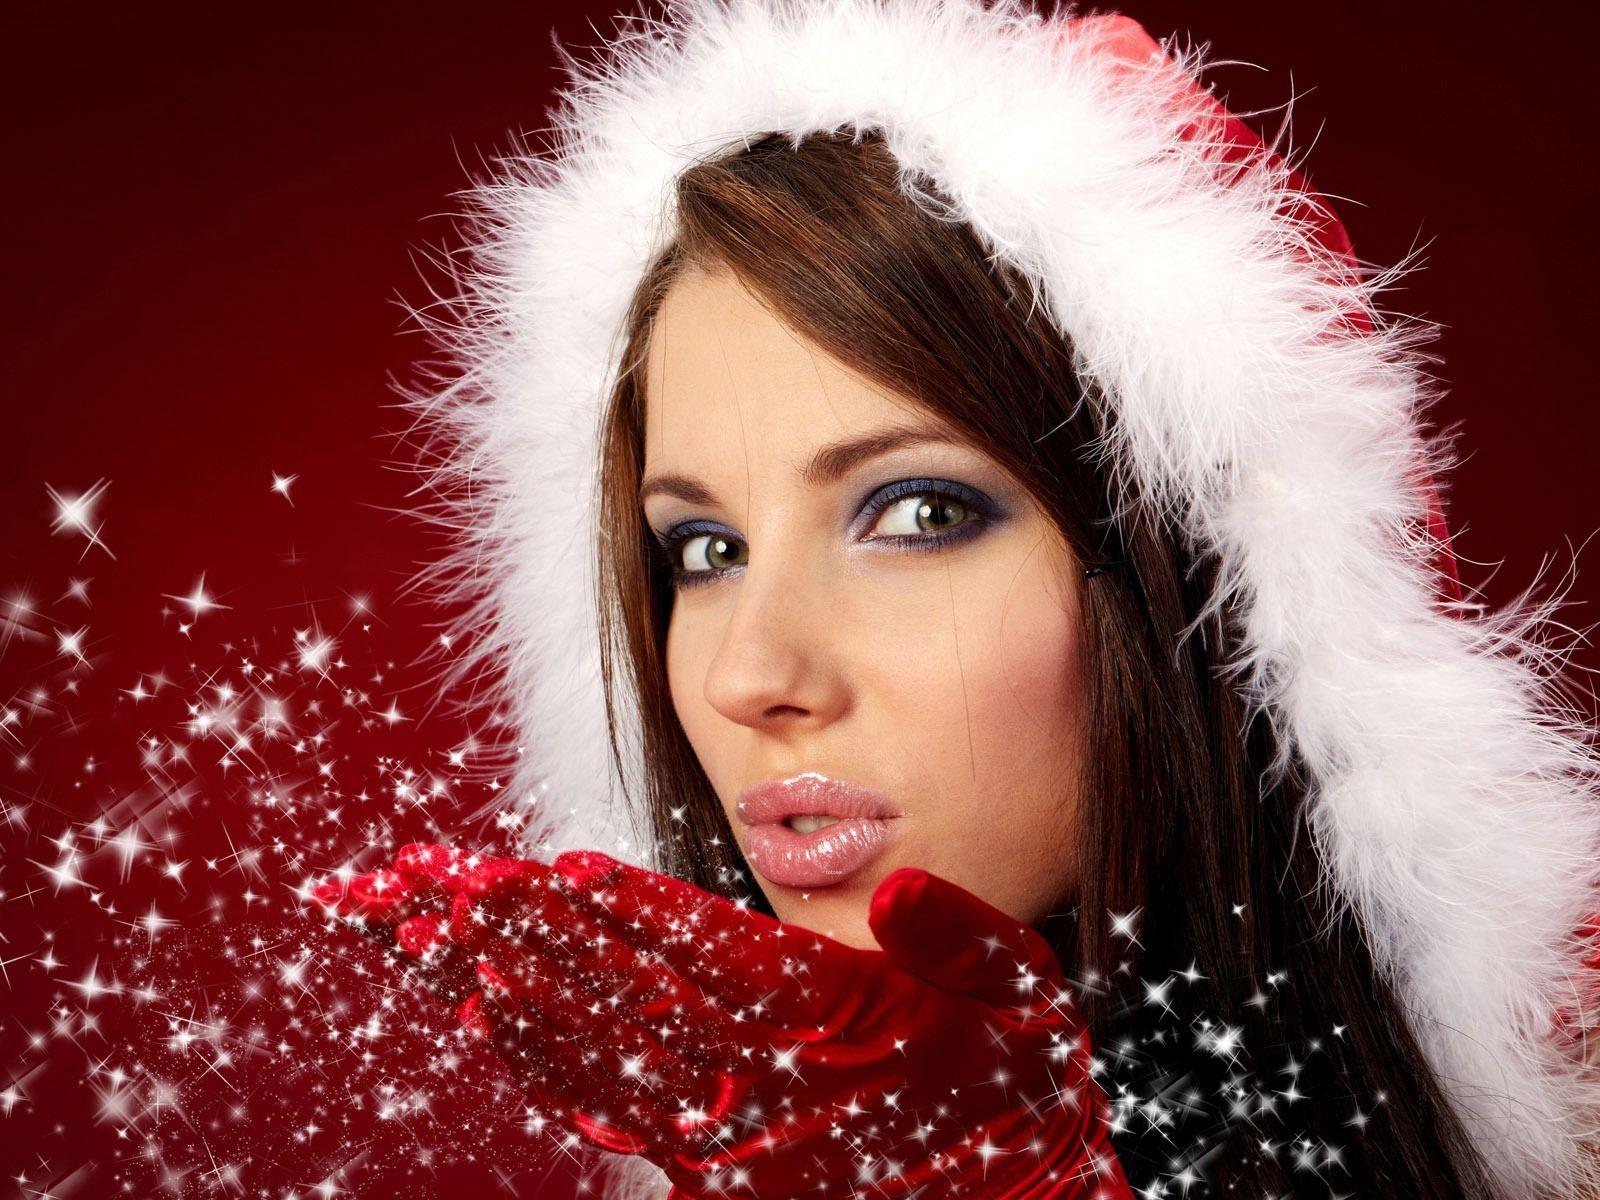 Картинки с красивыми снегурками